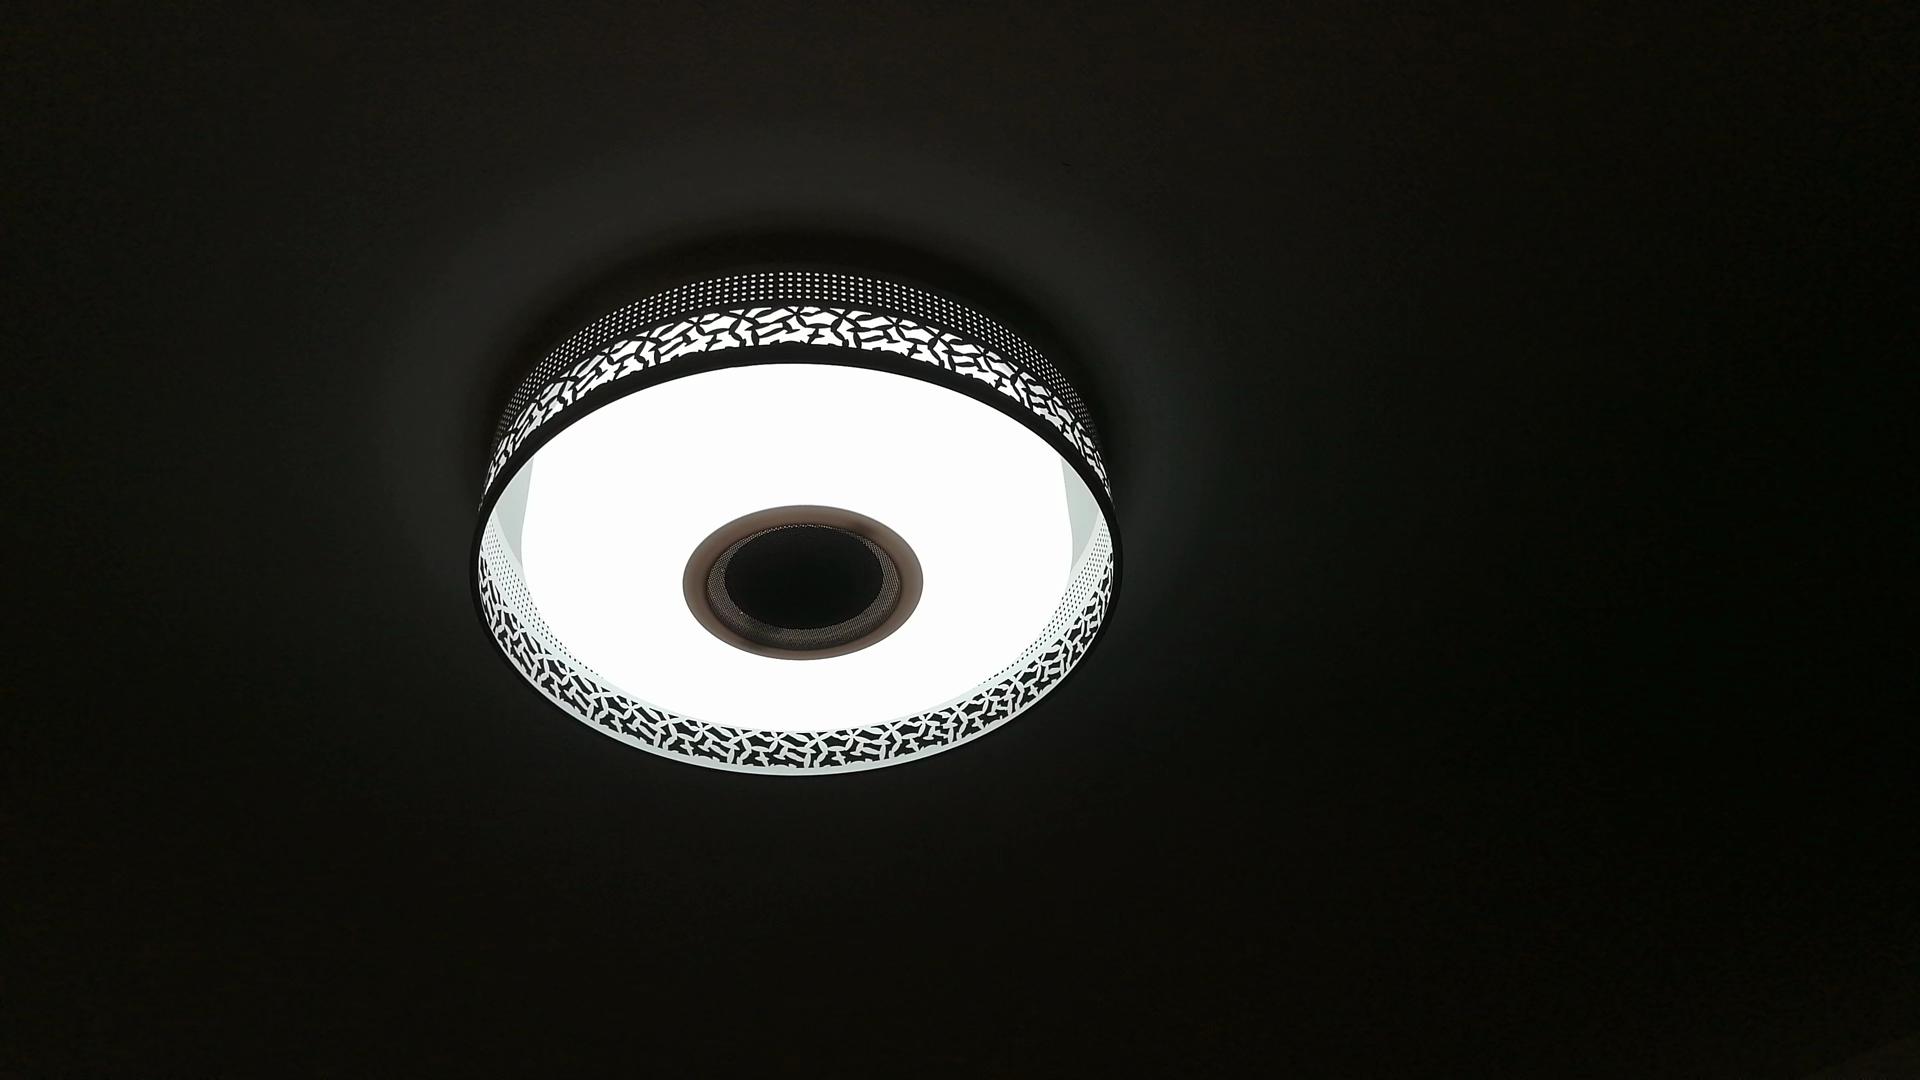 Fantastisch Wie Man 2 Lichter Mit 1 Schalter Verbindet ...